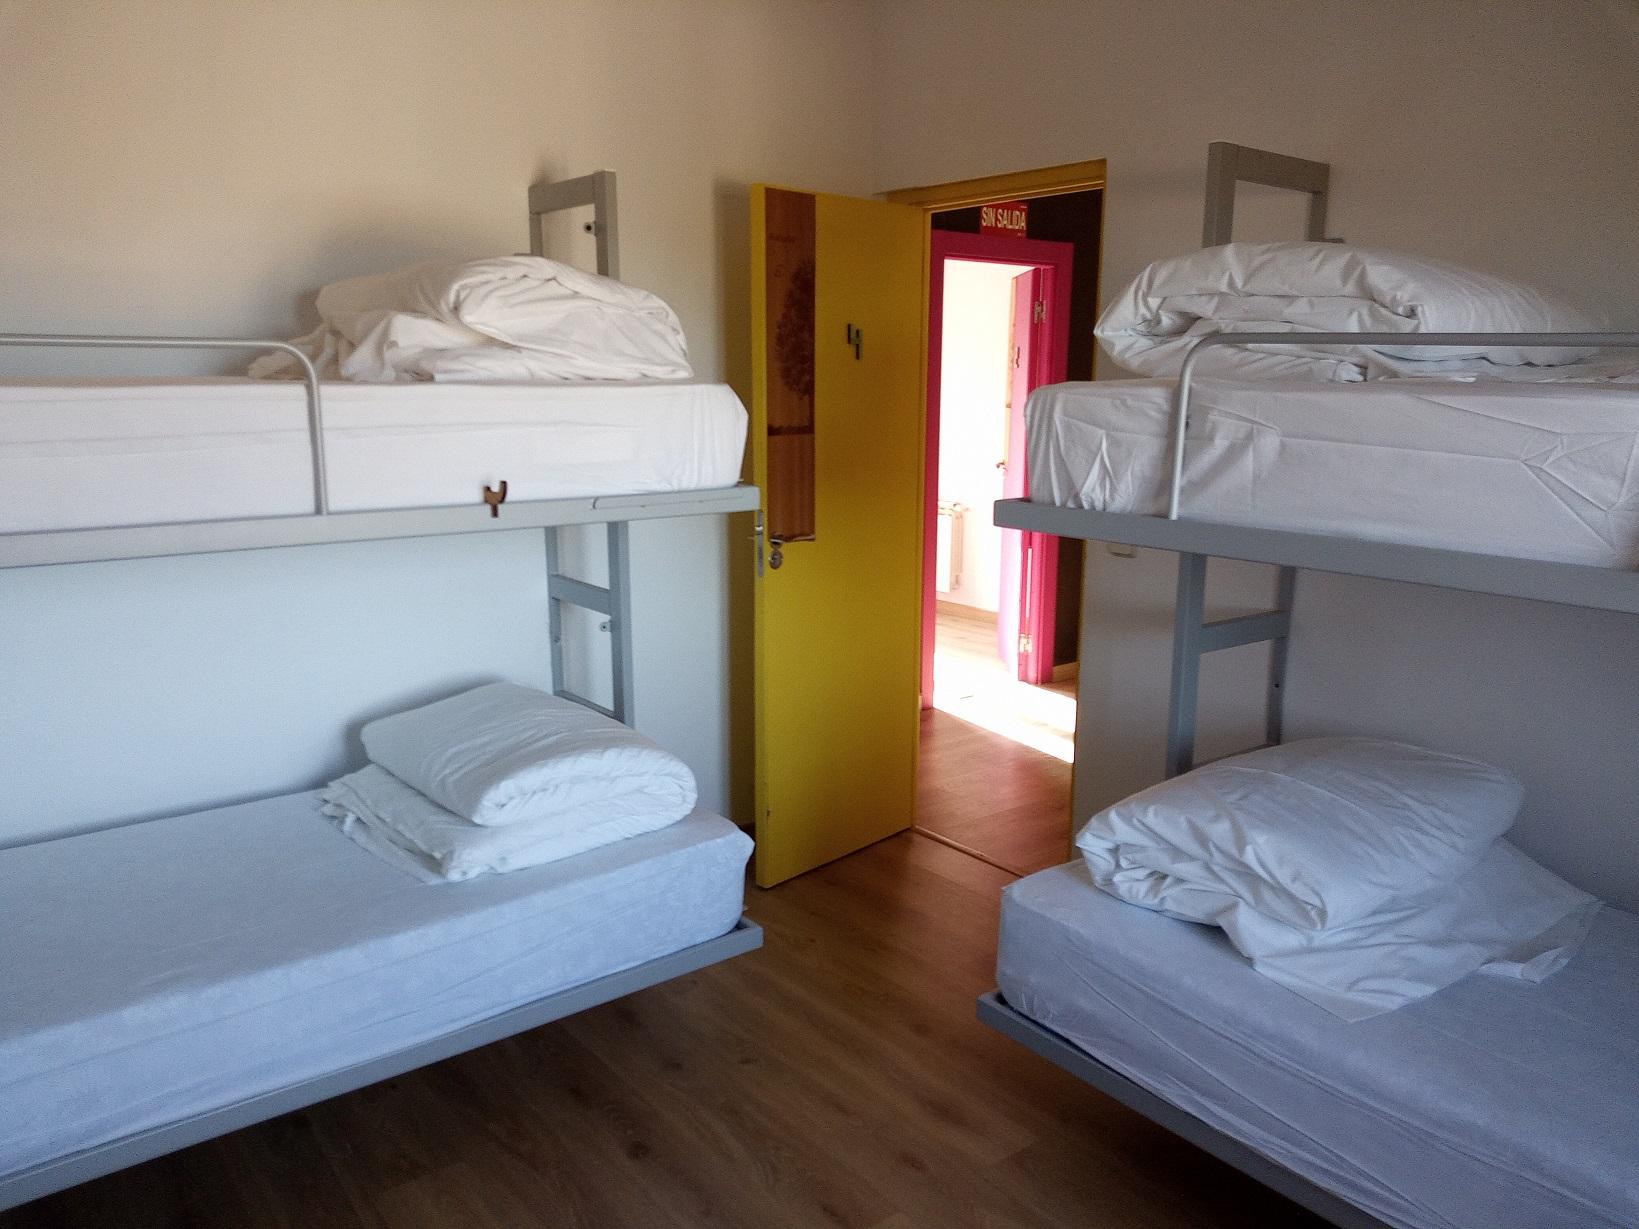 02_Rooms.jpg